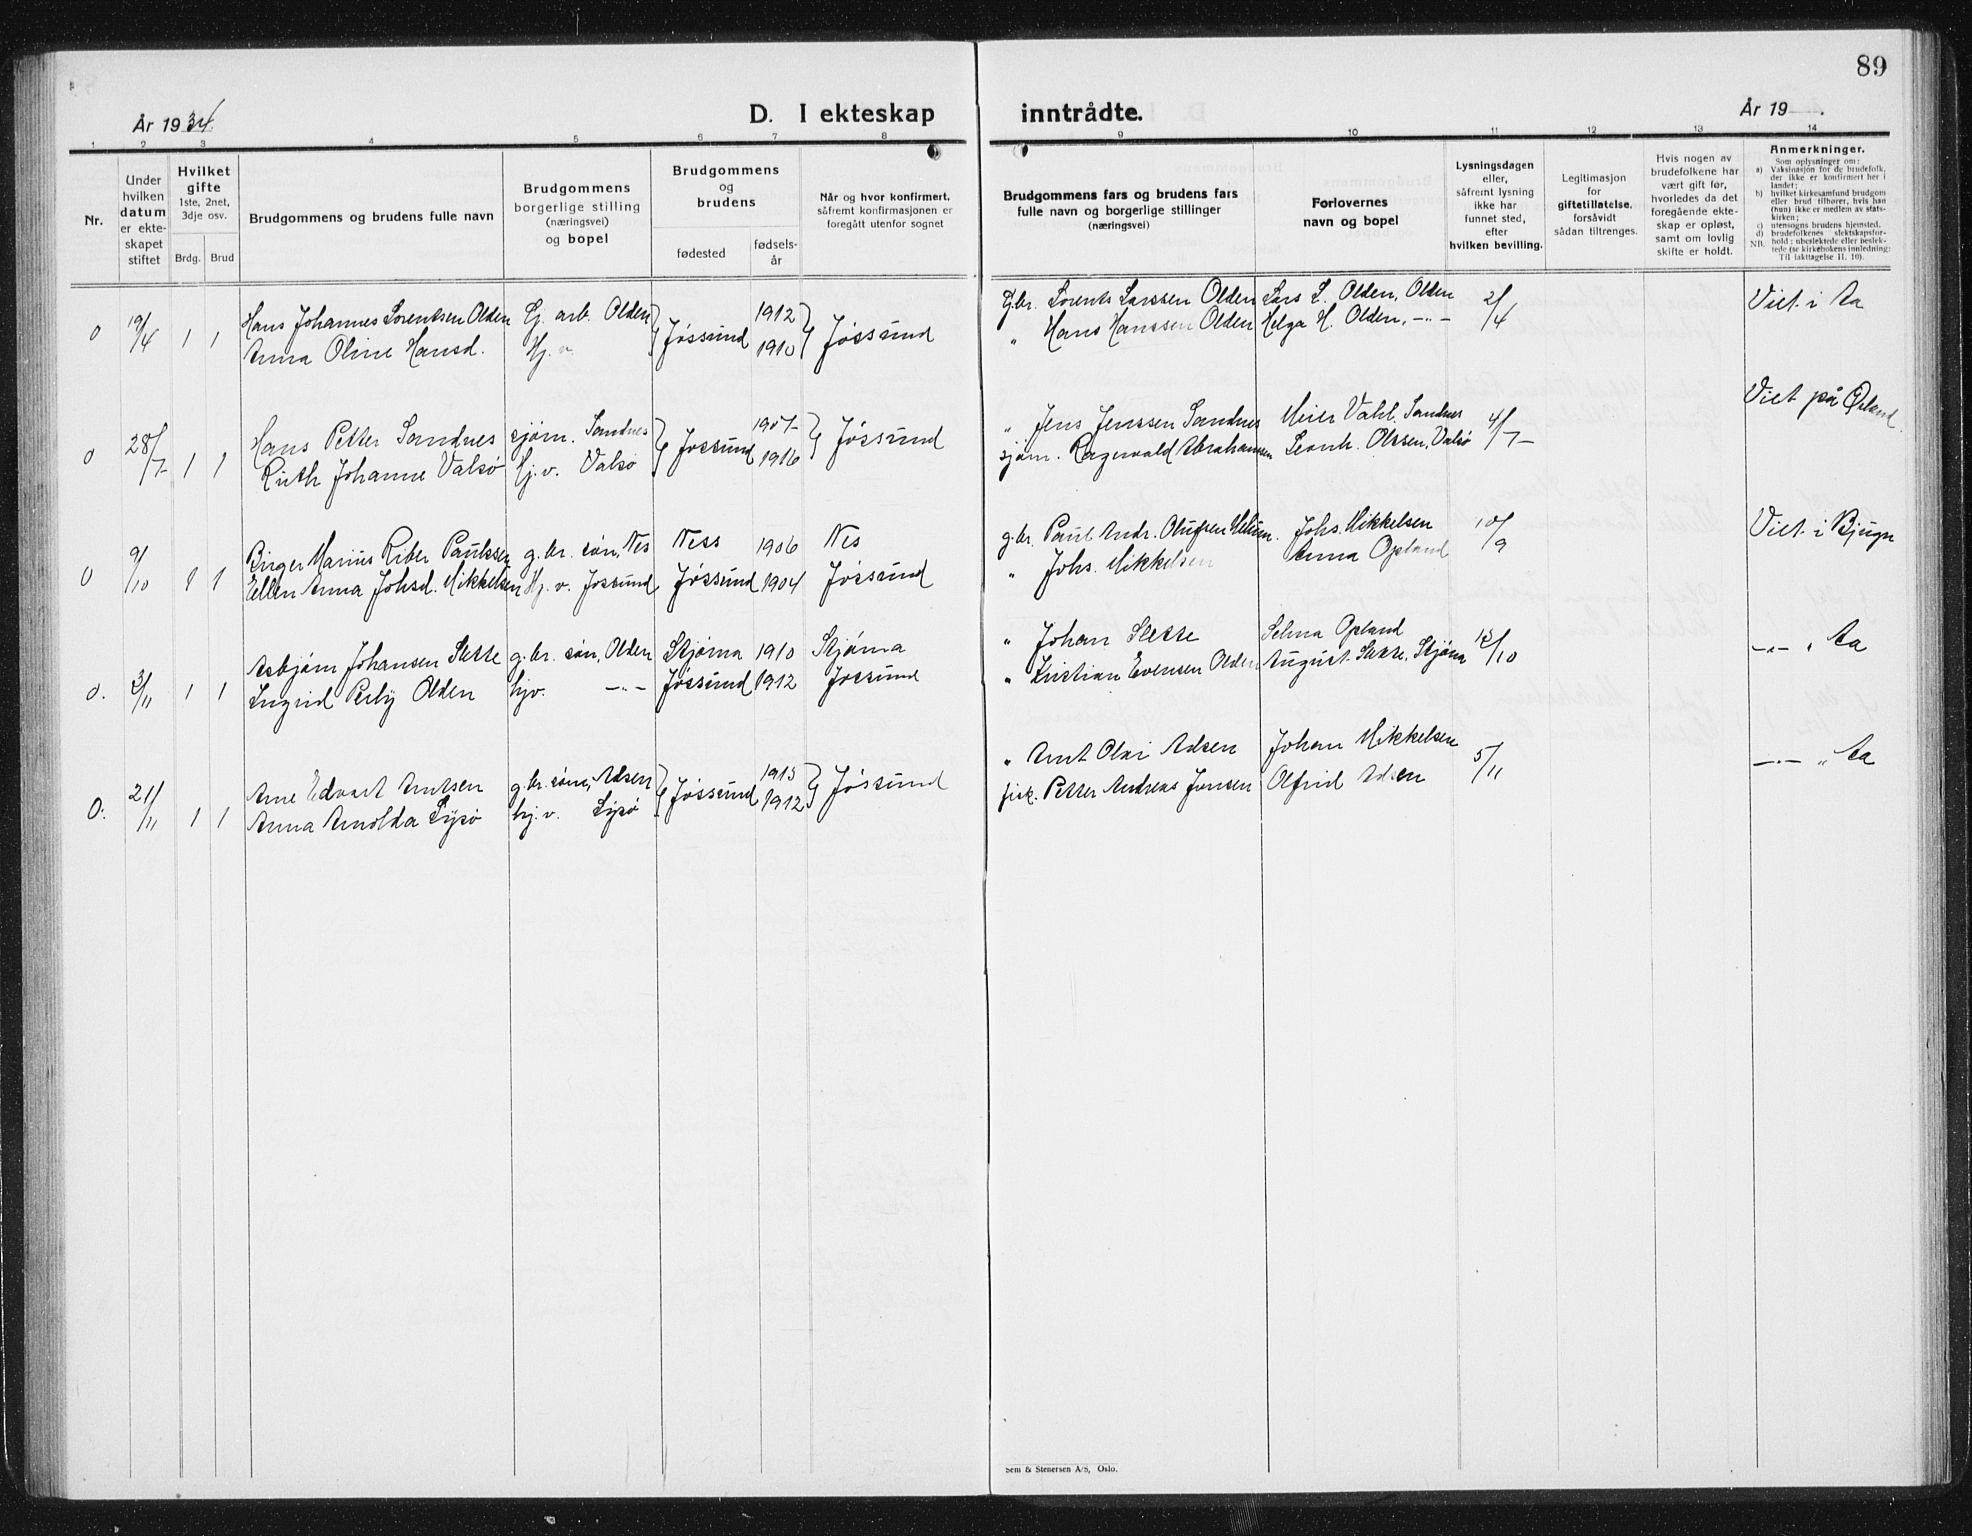 SAT, Ministerialprotokoller, klokkerbøker og fødselsregistre - Sør-Trøndelag, 654/L0667: Klokkerbok nr. 654C03, 1924-1939, s. 89